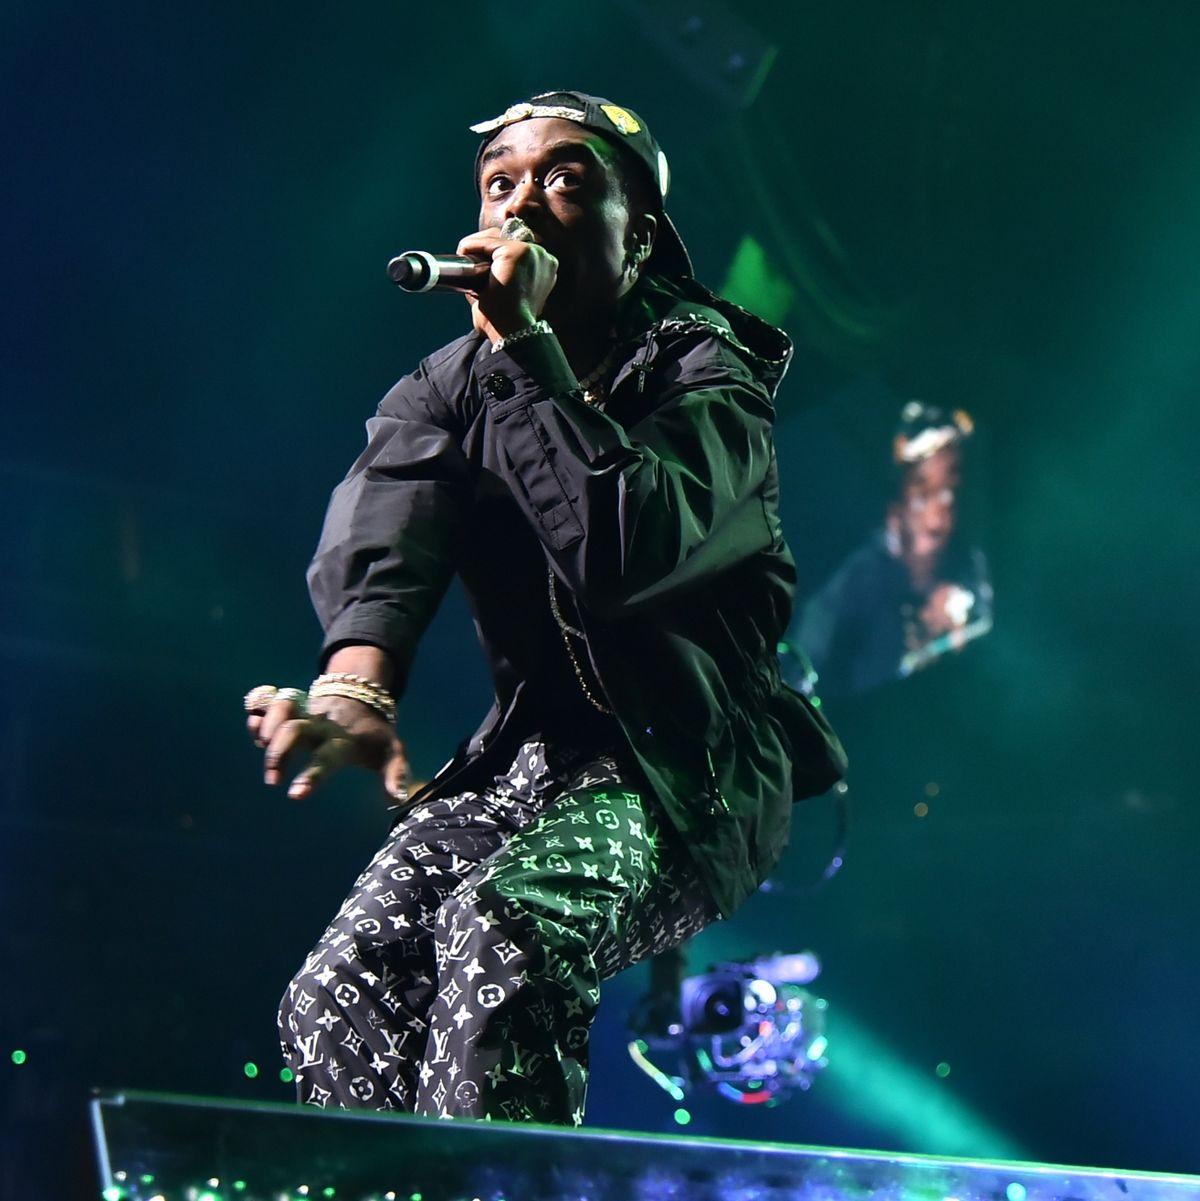 Lil Uzi Vert Drops New Single Sasuke After Eternal Atake